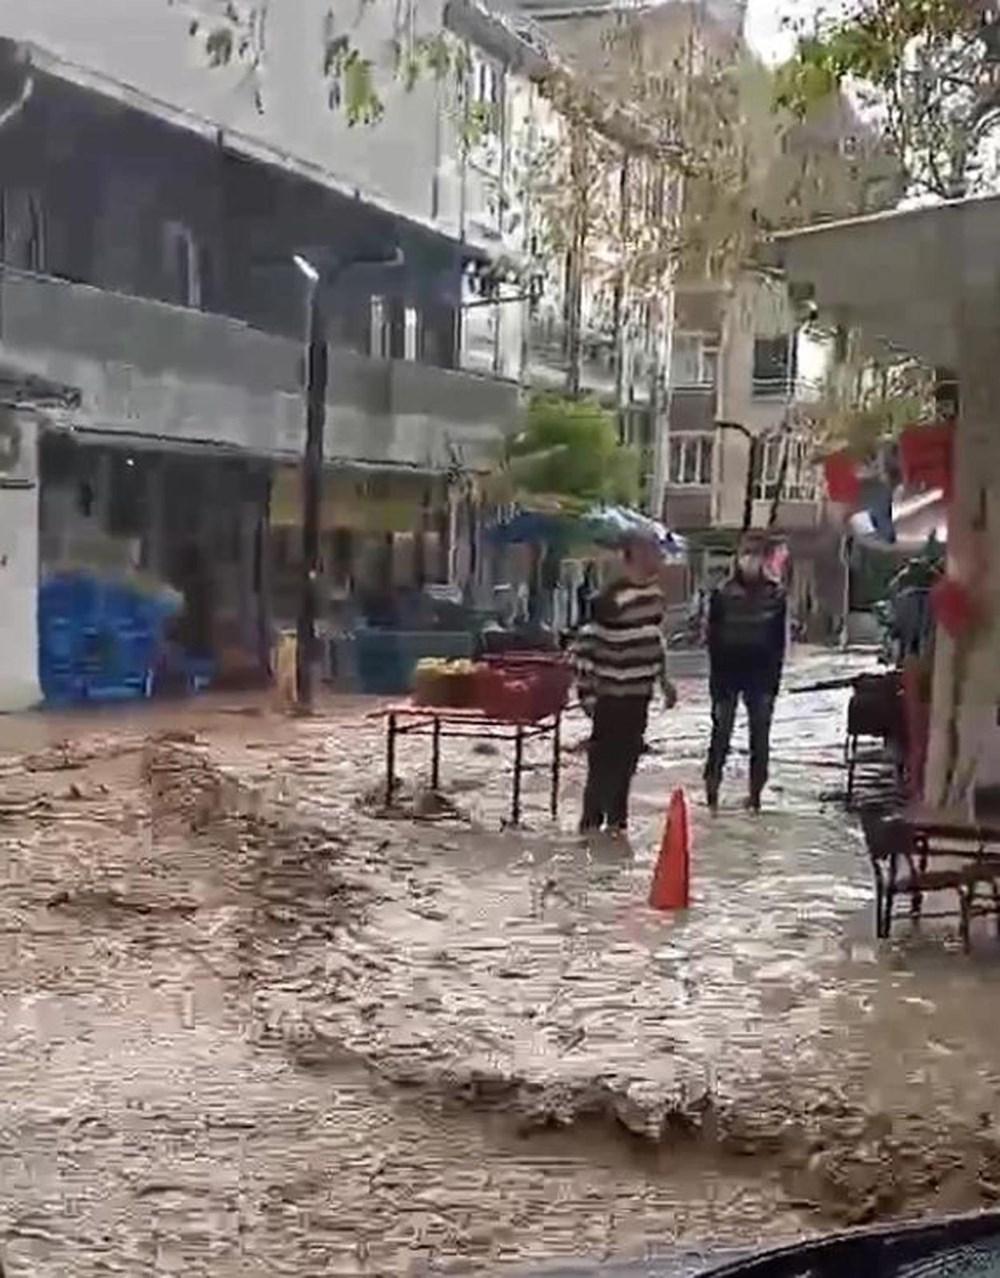 Tekirdağ Şarköy'de önce hortum sonra sağanak - 3